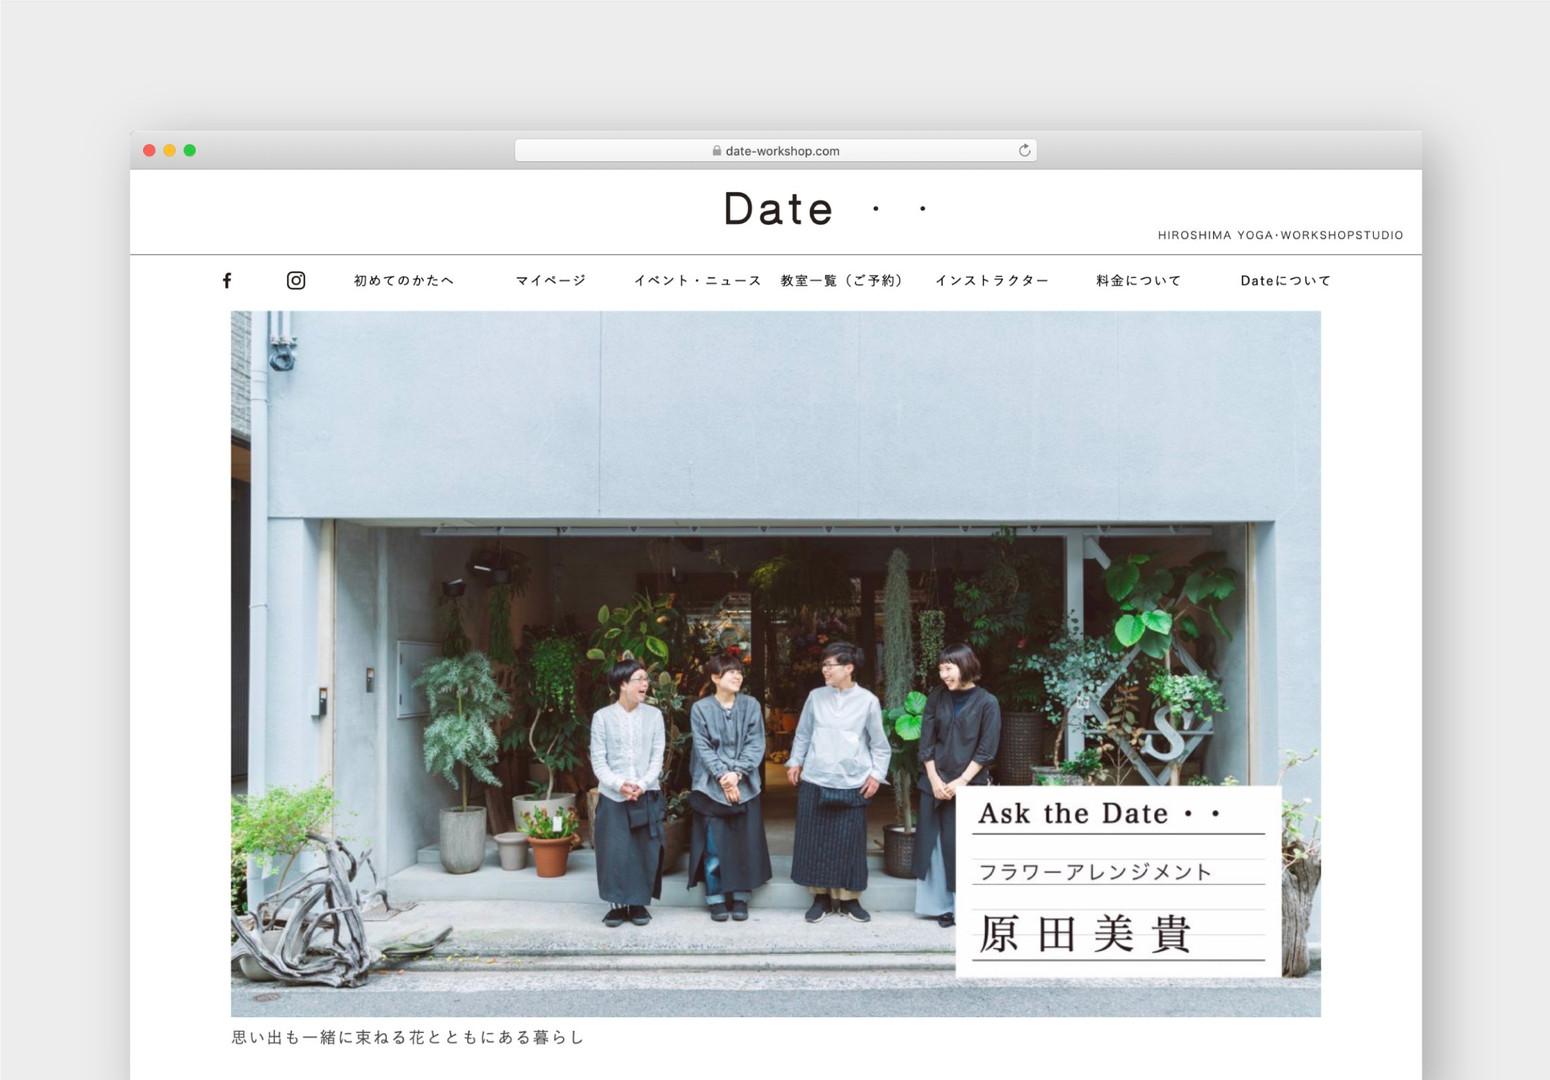 Date・・workshop studio